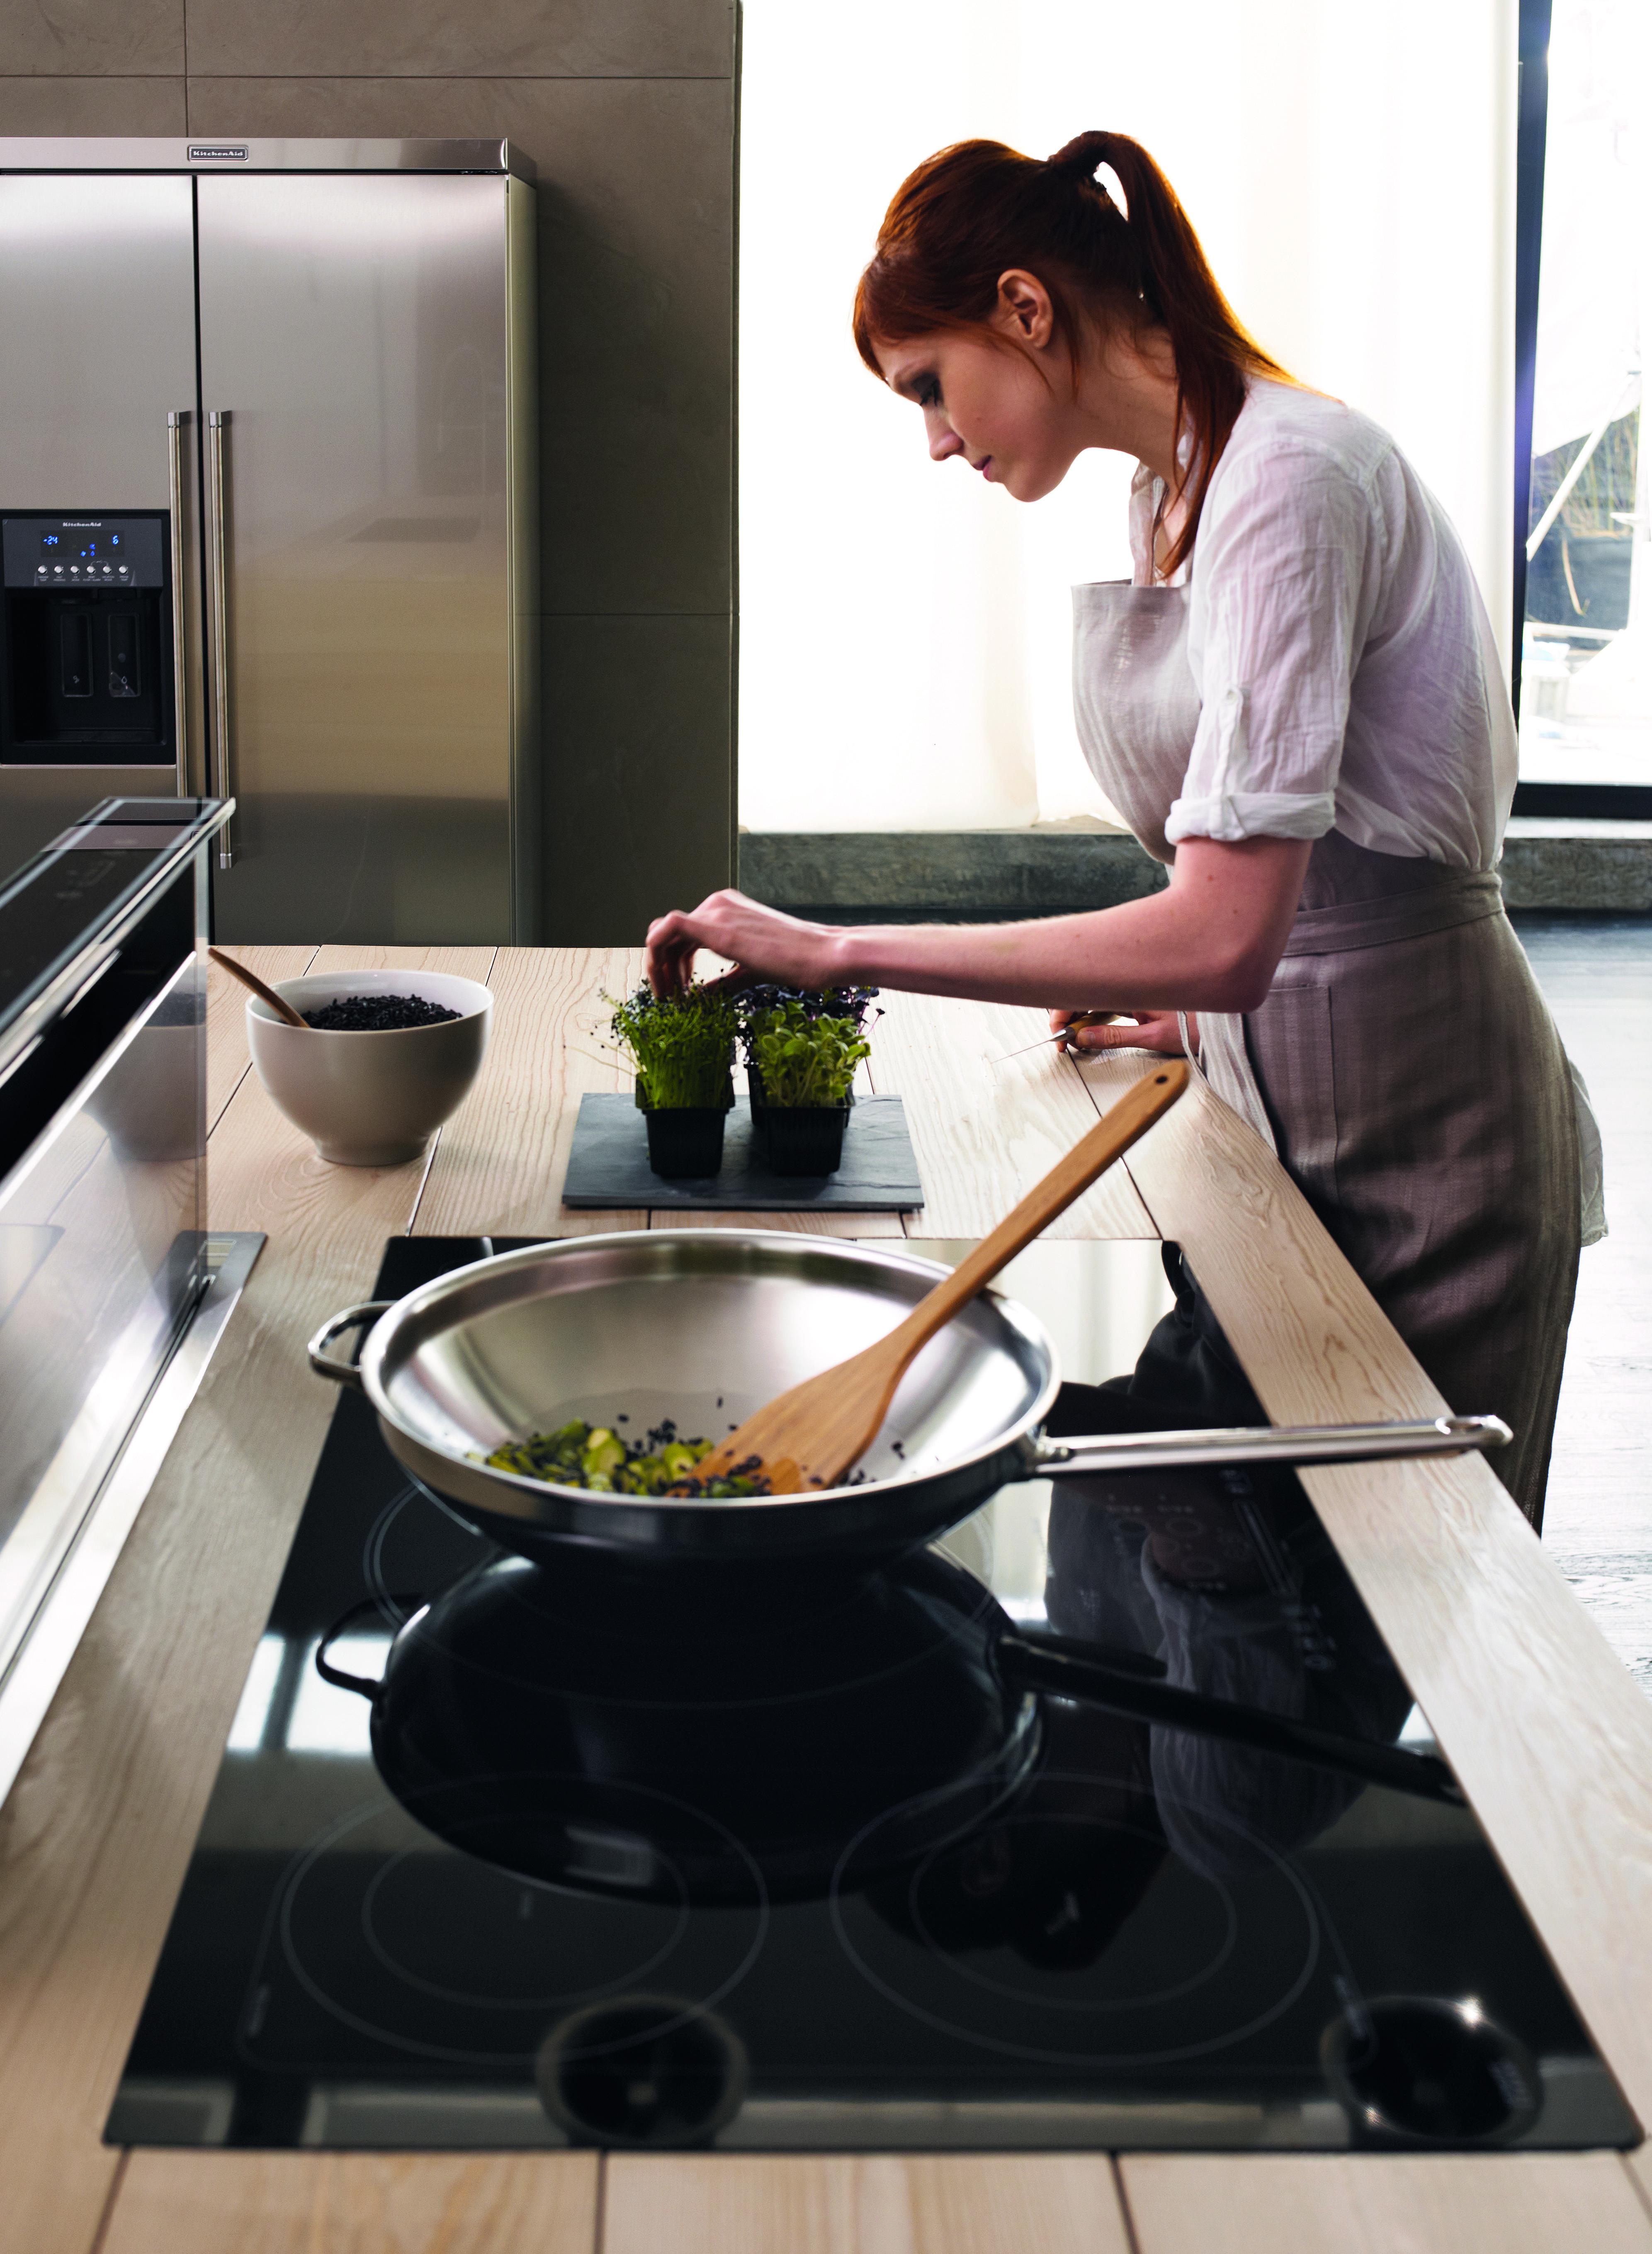 Mettiti alla prova in cucina e vinci grazie a KitchenAid!